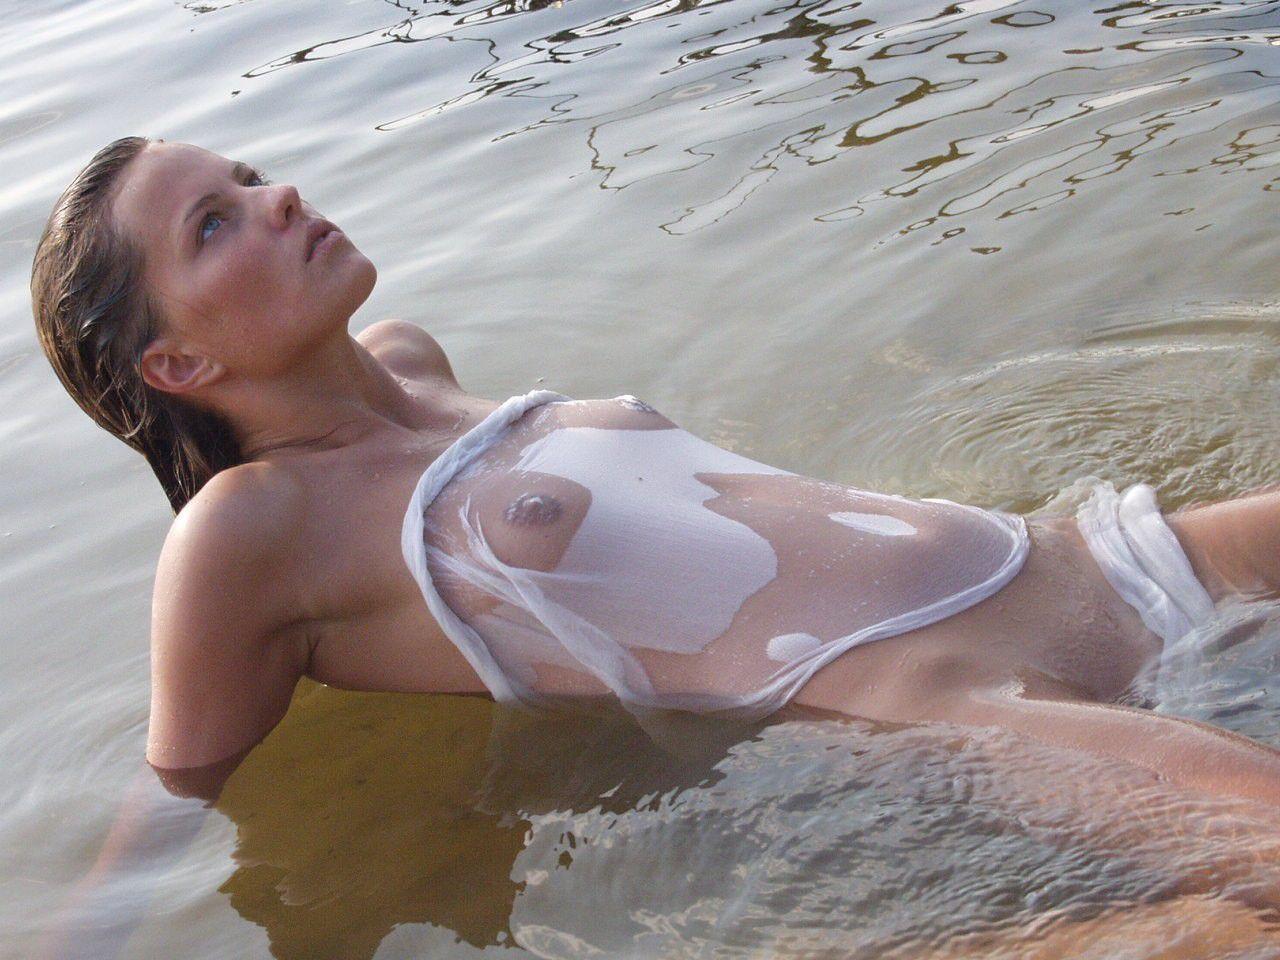 【海外エロ画像】ノーブラにシャツ1枚で濡れるから…乳首浮き透けお姉さんたちwww 10